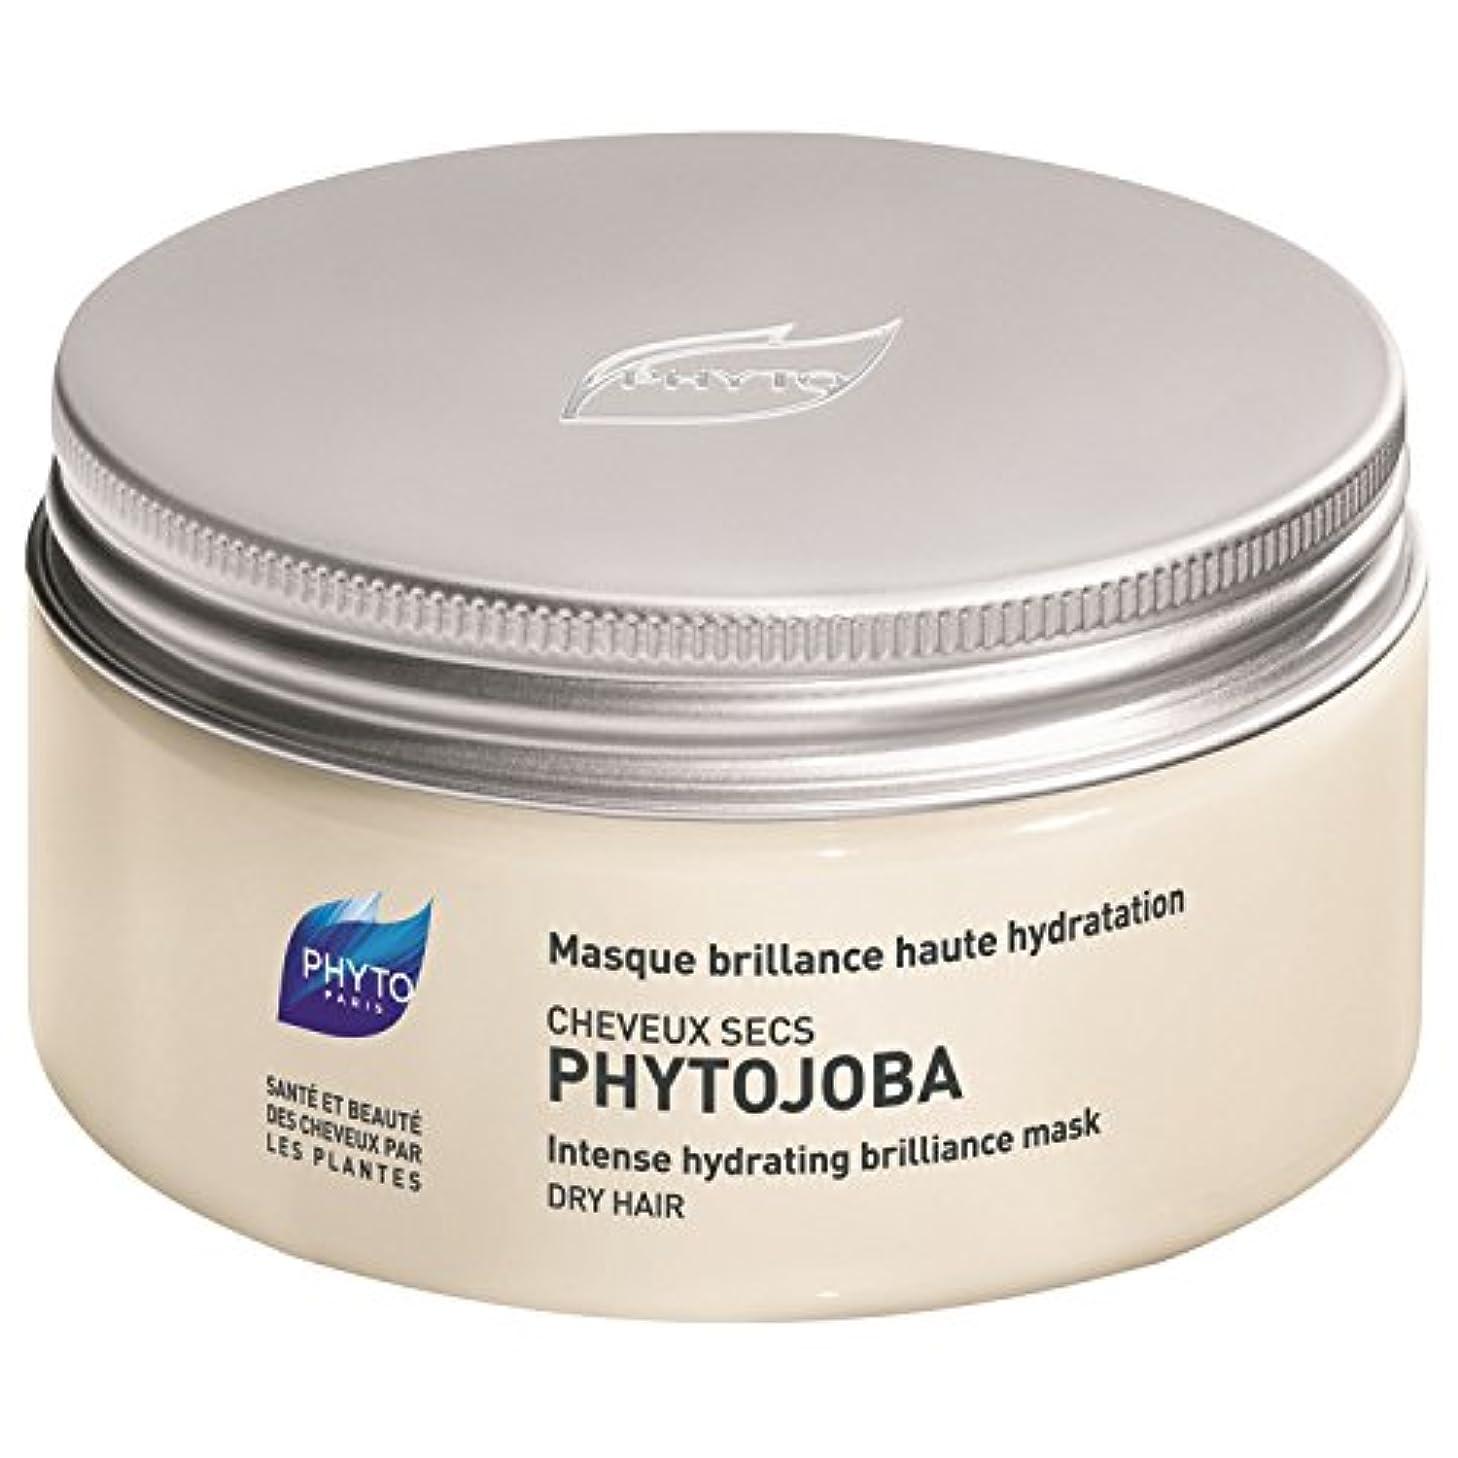 ストロークロマンスカリングフィトPhytojoba強烈な水分補給マスク200ミリリットル (Phyto) (x6) - Phyto Phytojoba Intense Hydrating Mask 200ml (Pack of 6) [並行輸入品]